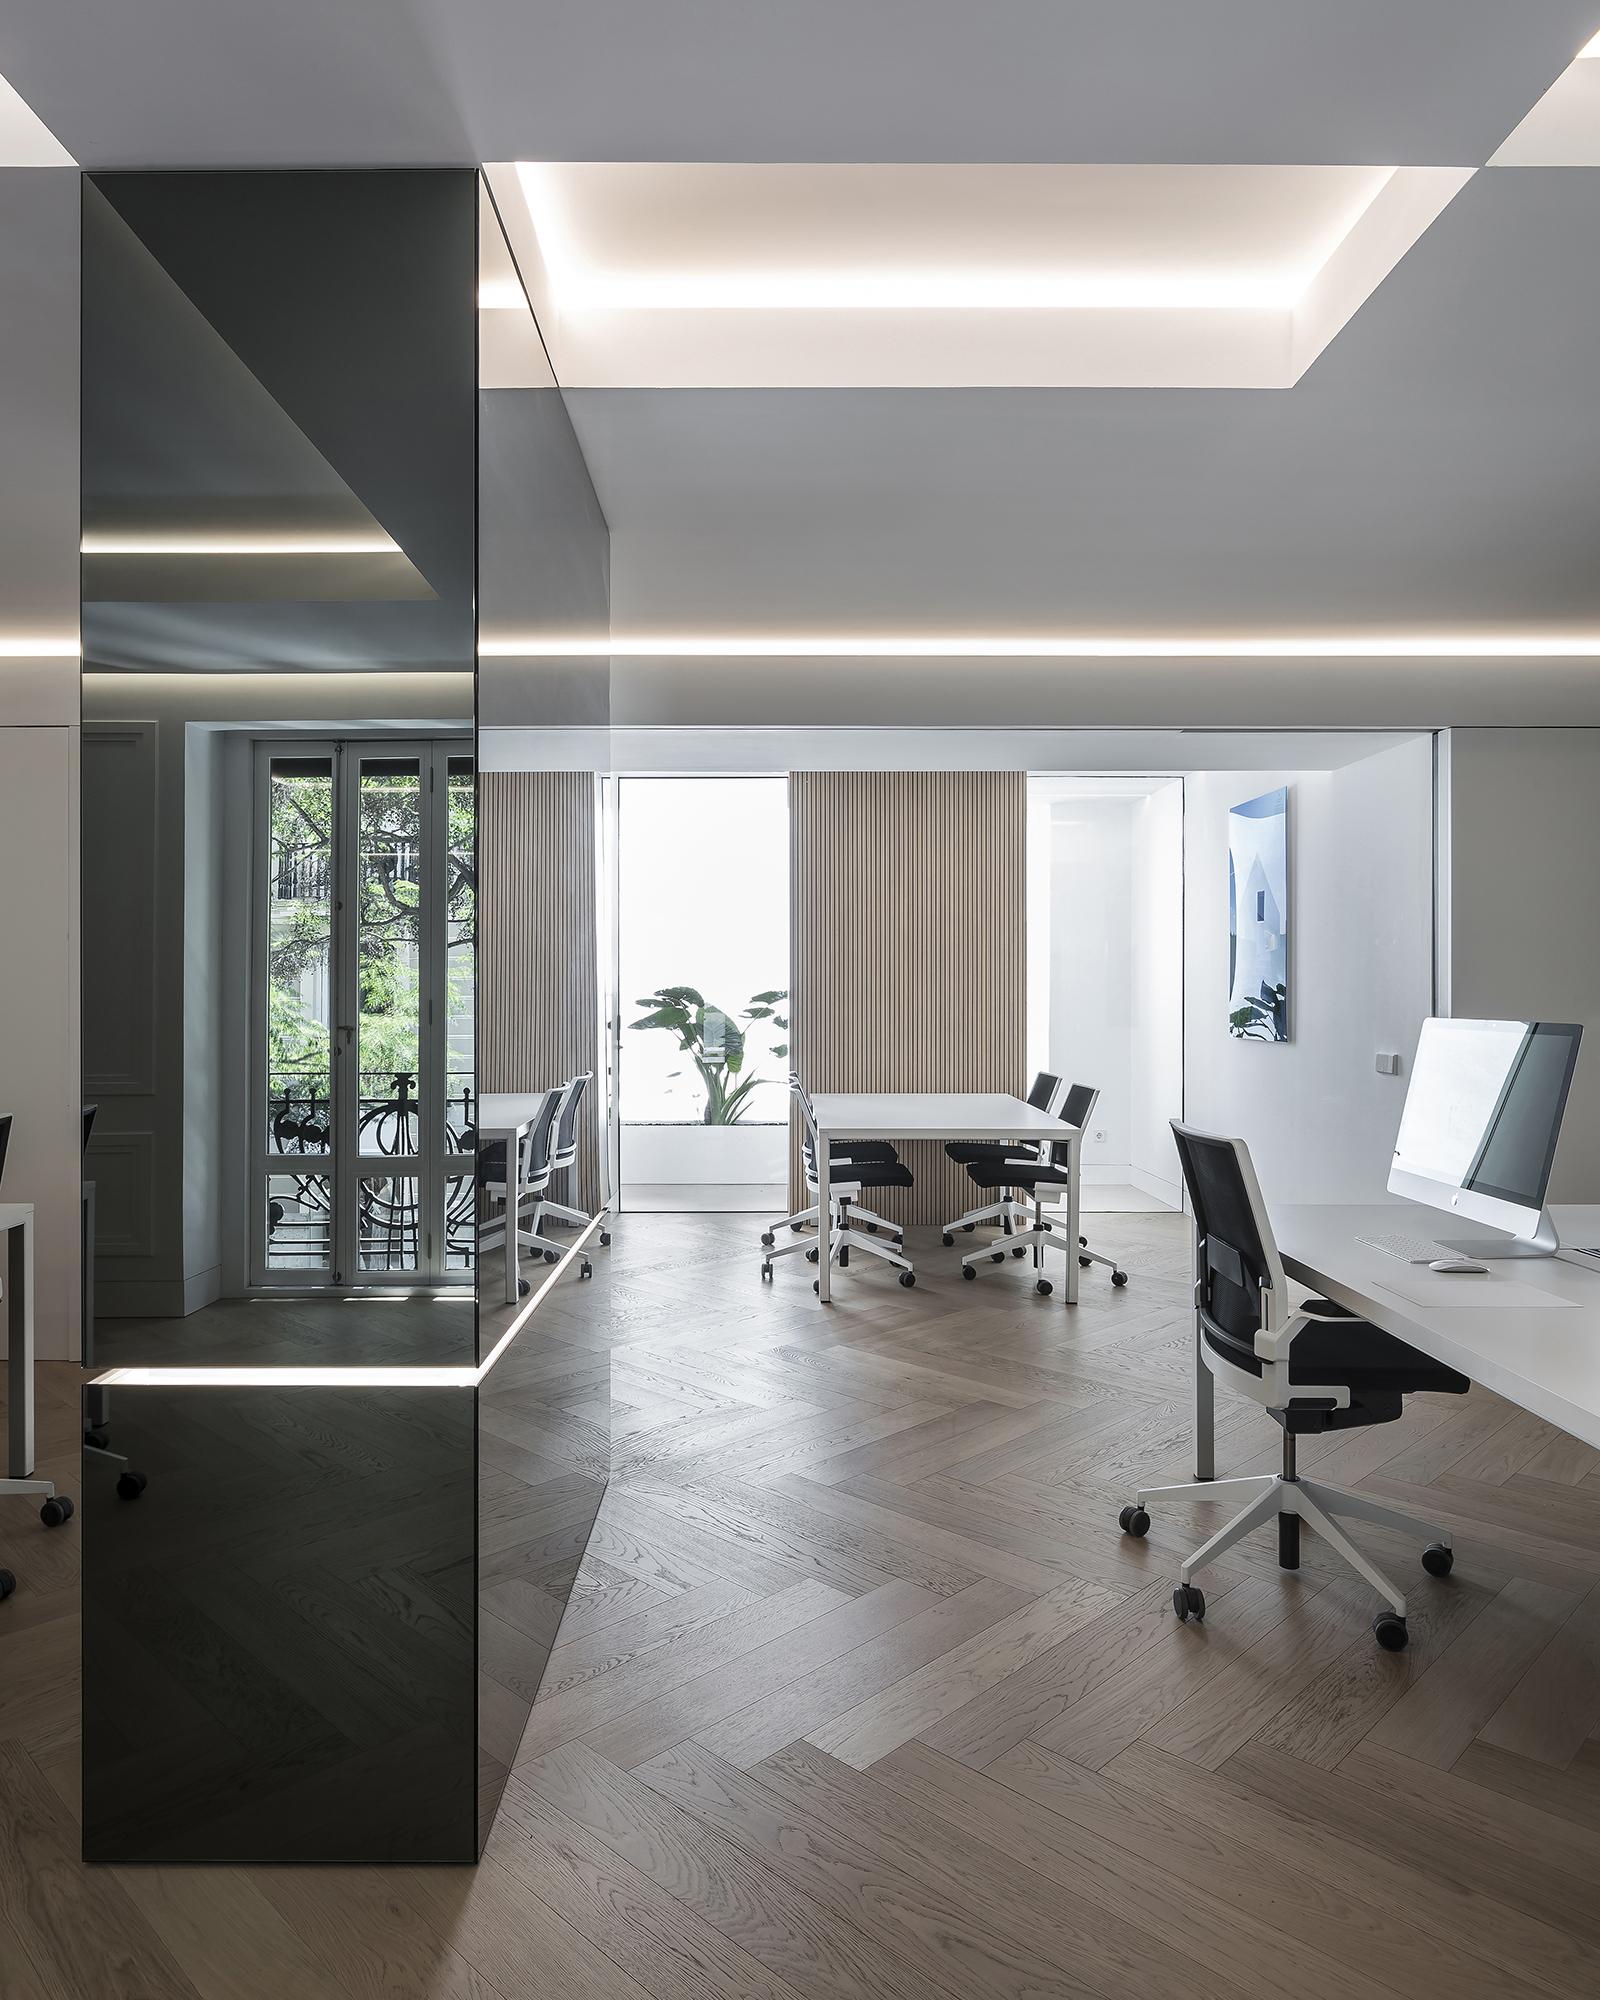 Architecture Studio in Valencia - Gallardo Llopis Architects